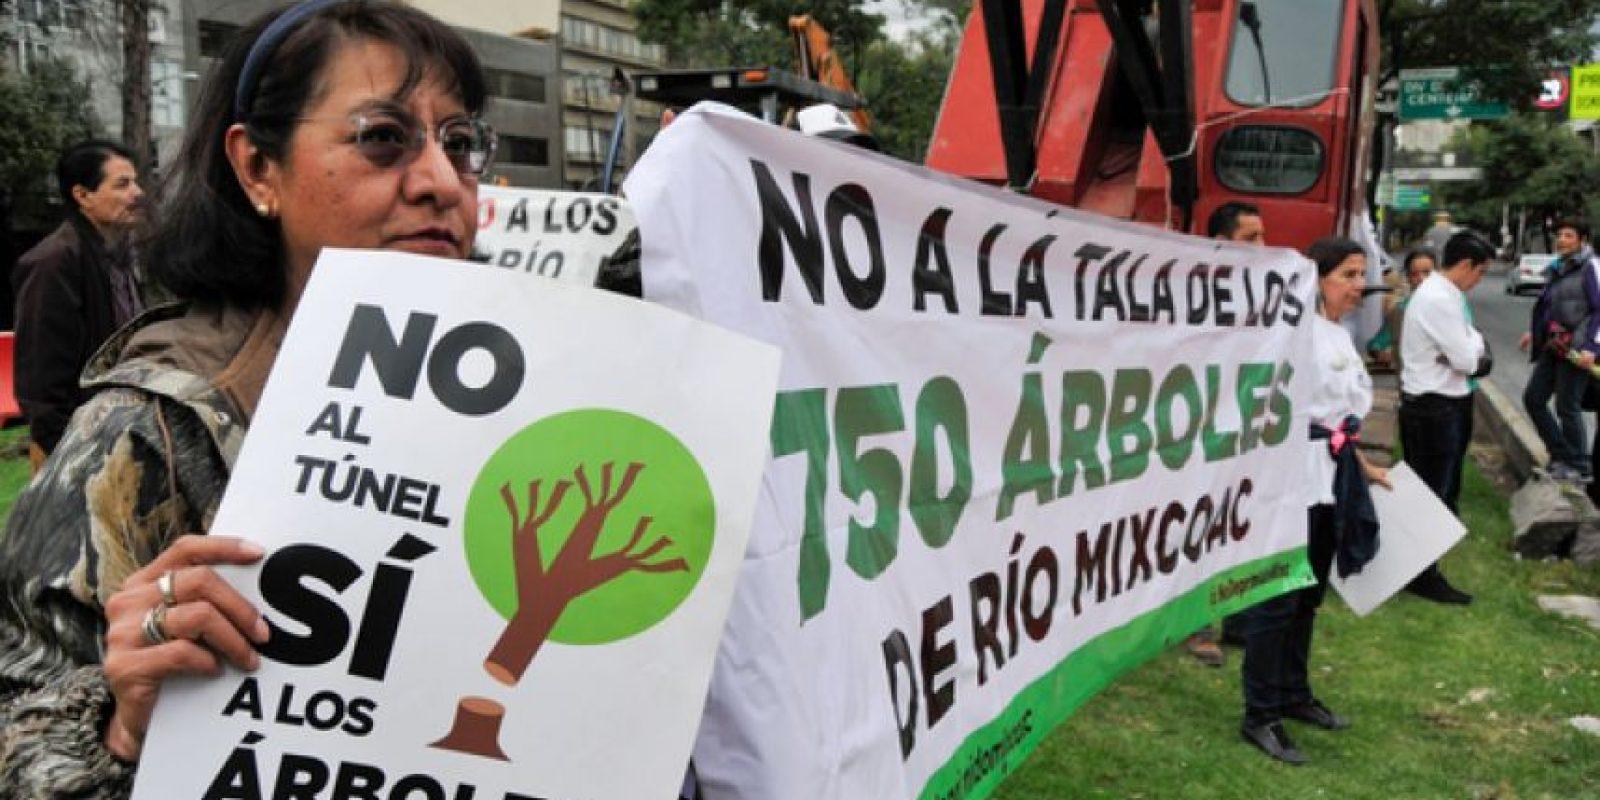 En el deprimido vial de Mixcoac la autorización de tala de árboles generó oposición vecinal que ha derivado incluso en presencia policiaca Foto:Cuartoscuro